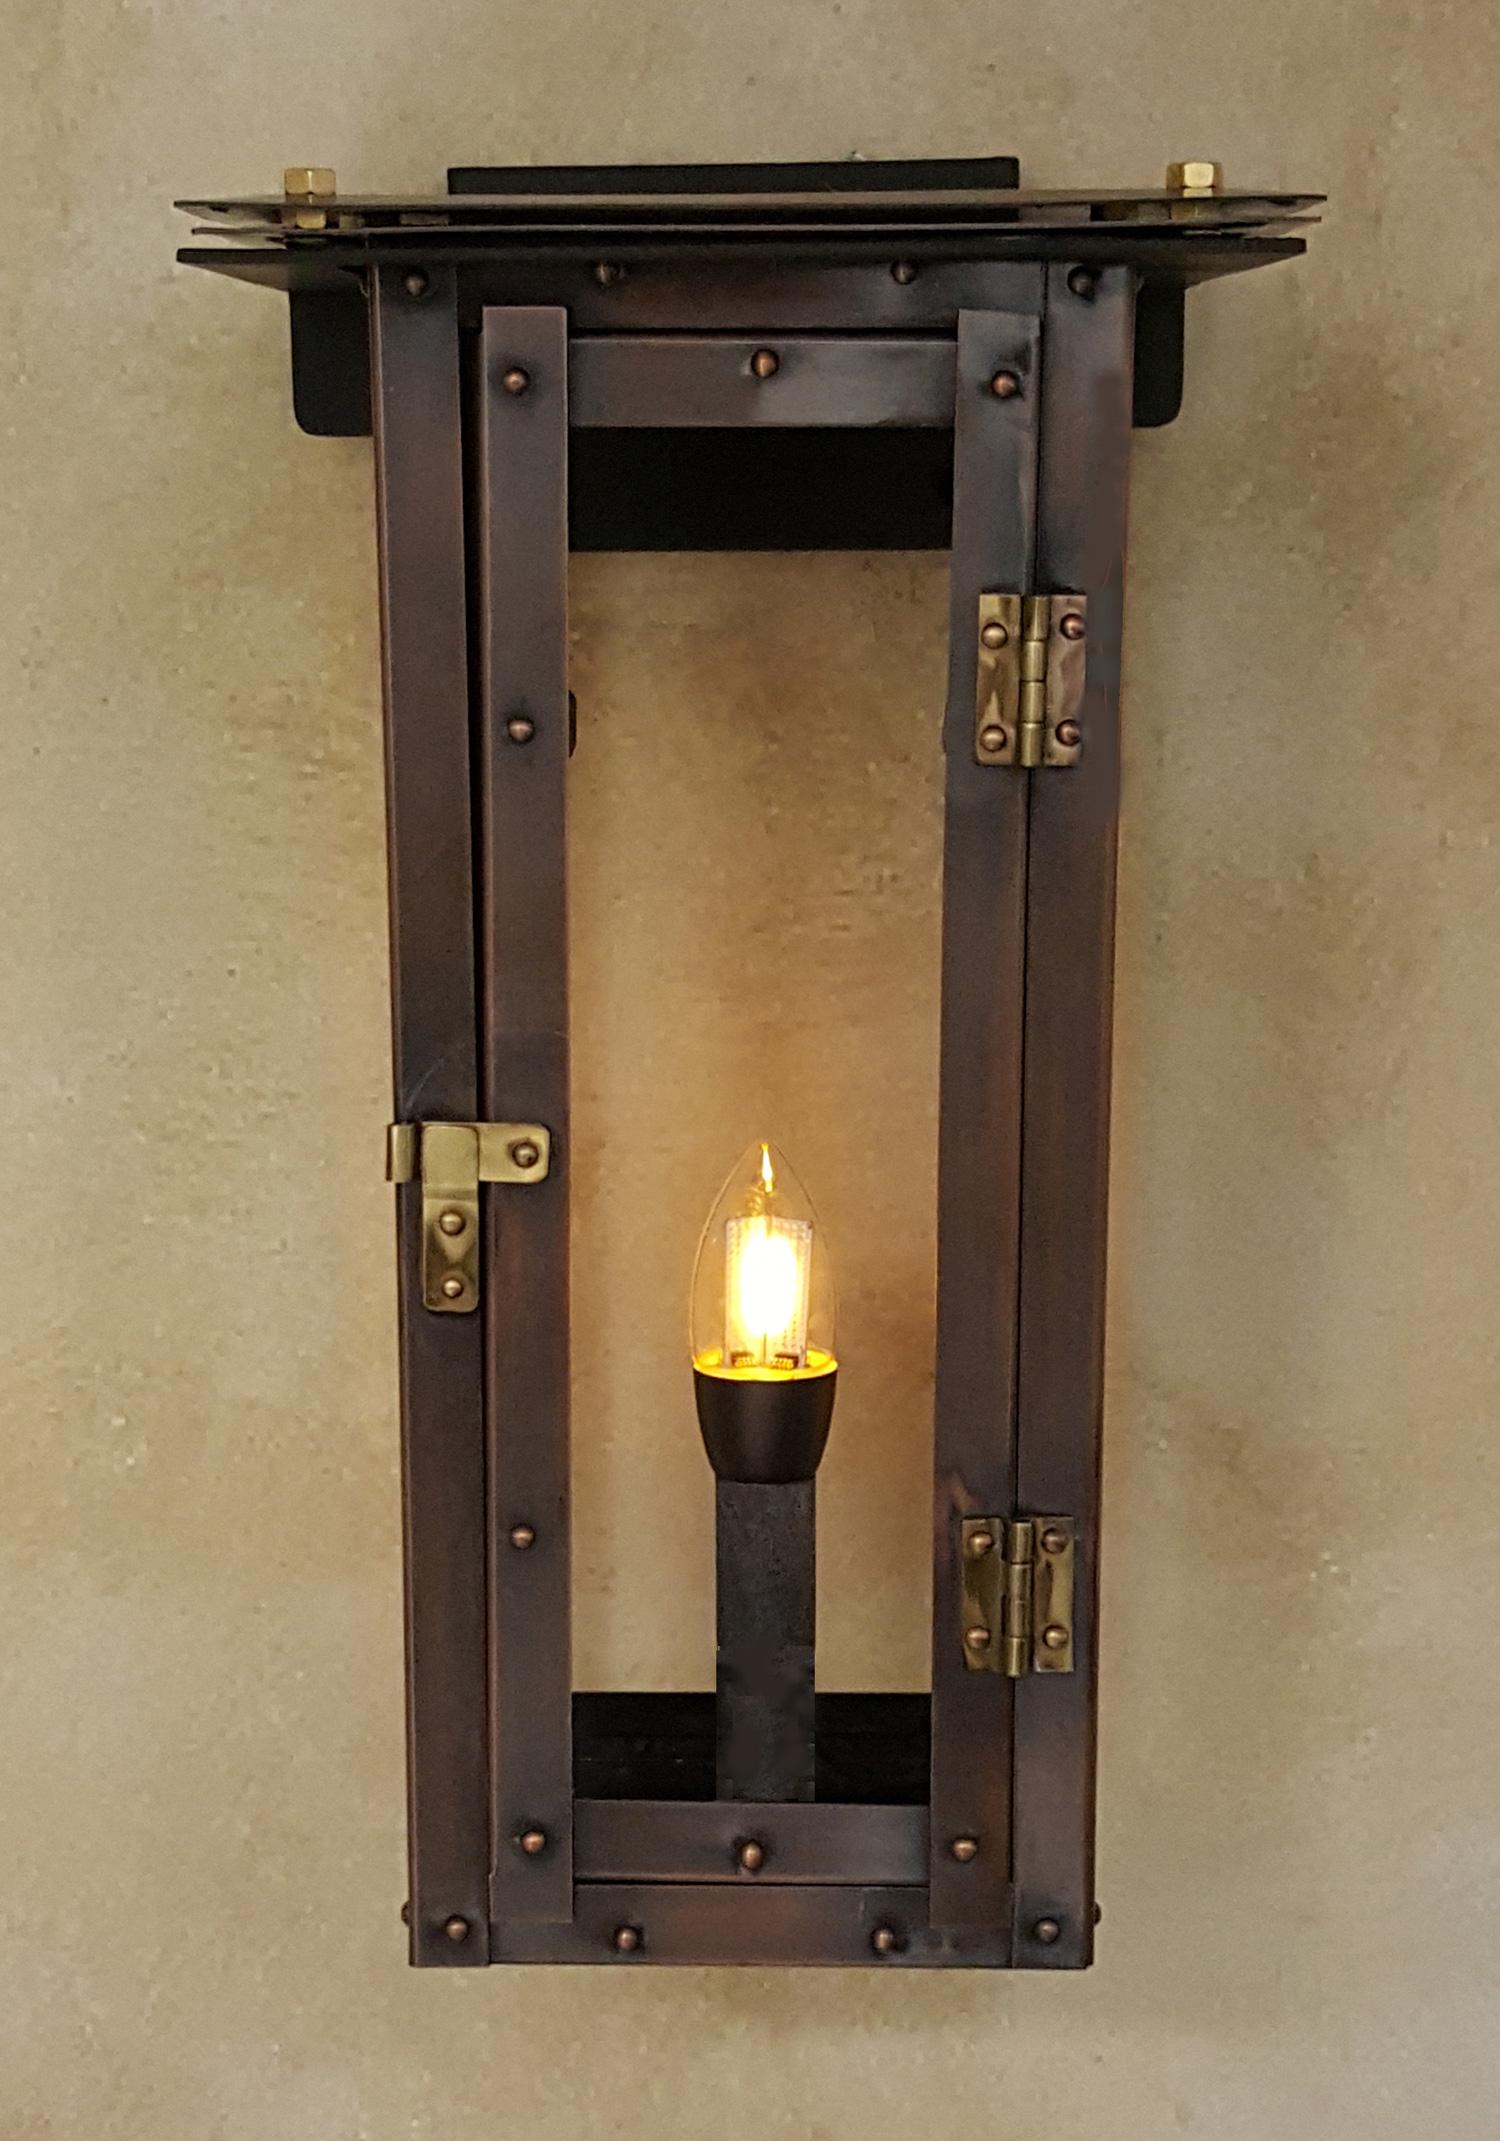 moderne new orleans gas lights. Black Bedroom Furniture Sets. Home Design Ideas